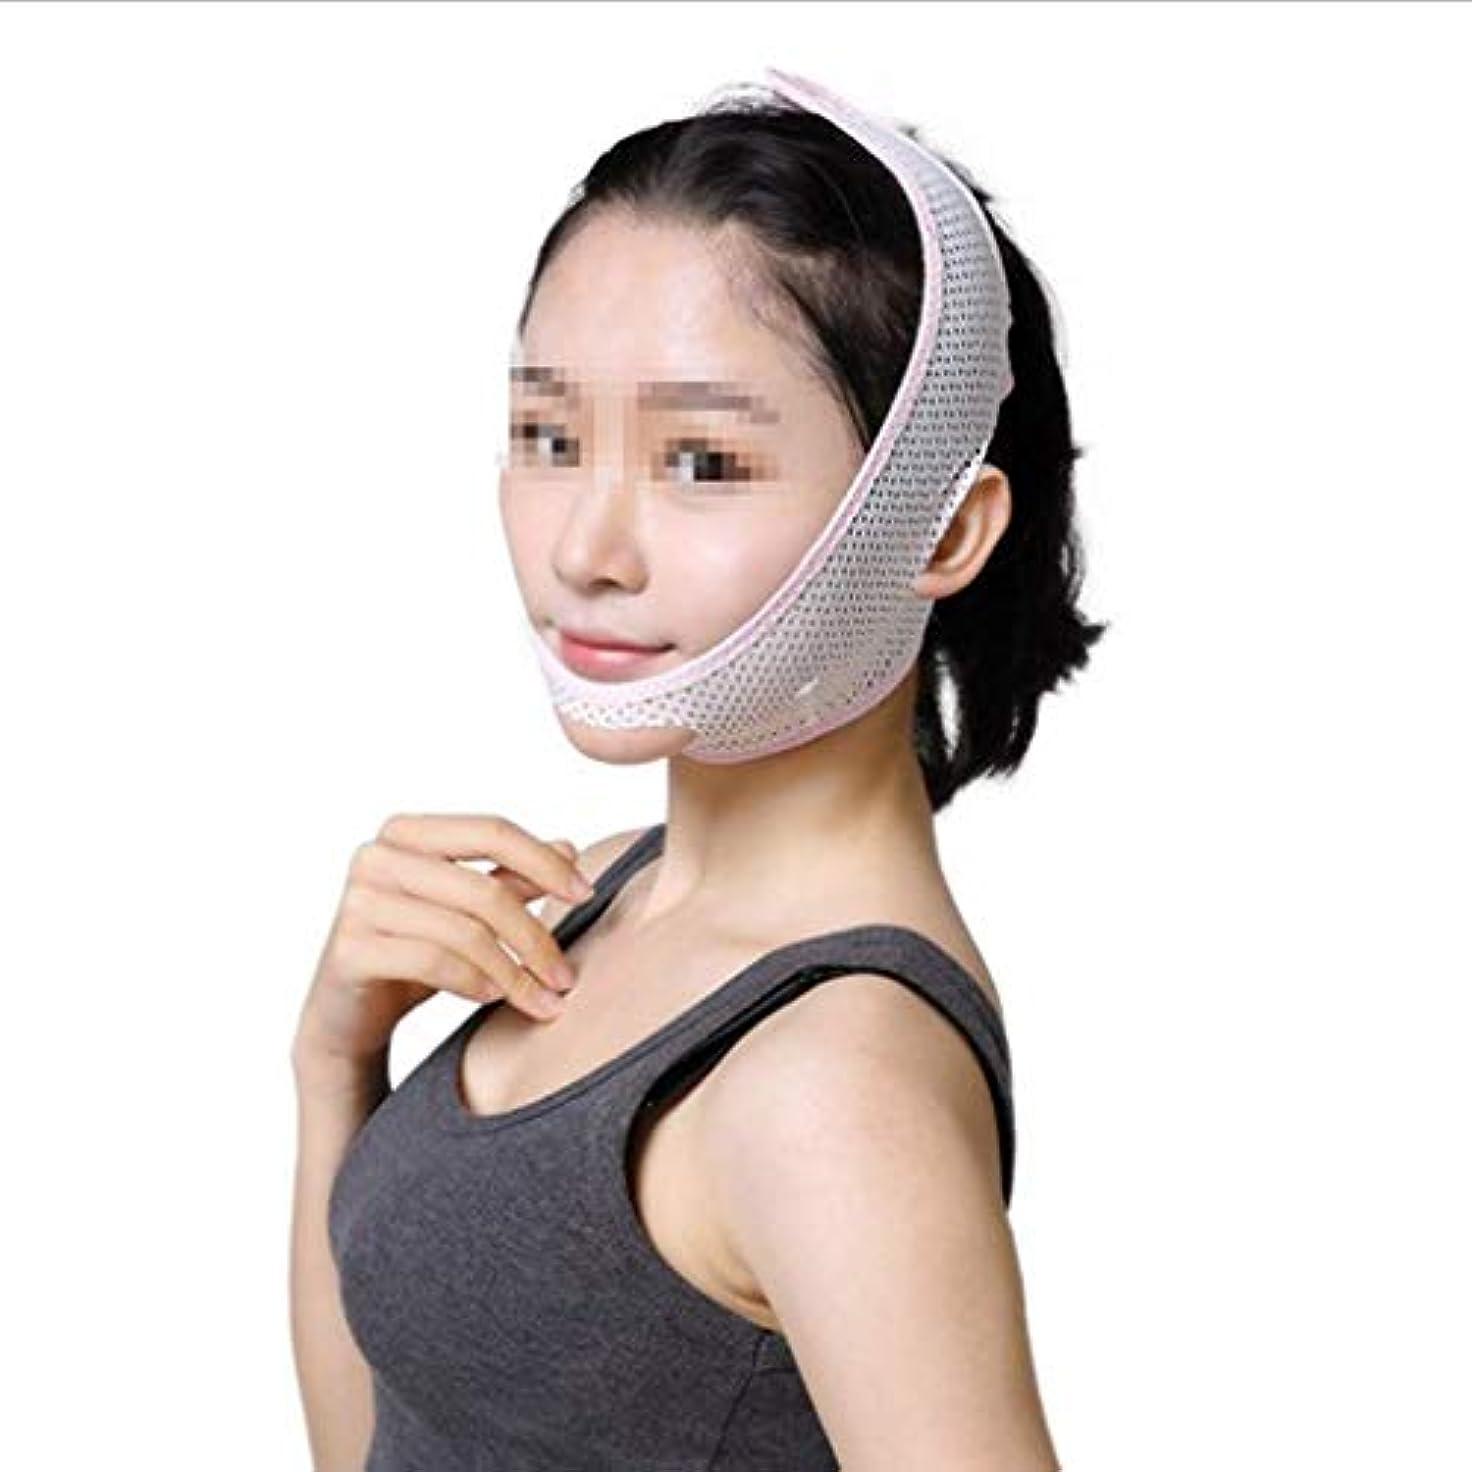 ジーンズプレゼンター屋内で超薄型通気性フェイスマスク、包帯Vフェイスマスクフェイスリフティングファーミングダブルチンシンフェイスベルト(サイズ:M),ザ?